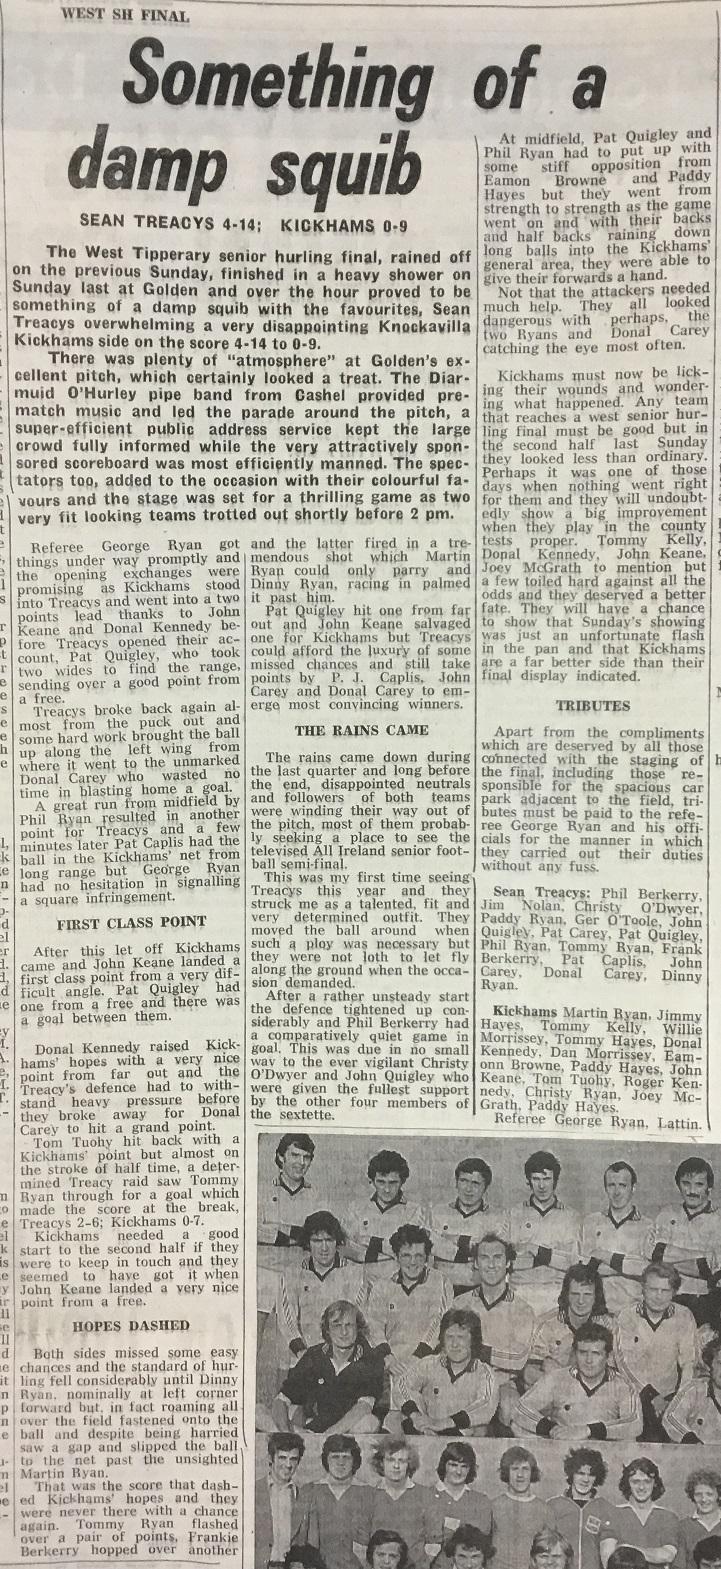 1977 West Hurling Final report